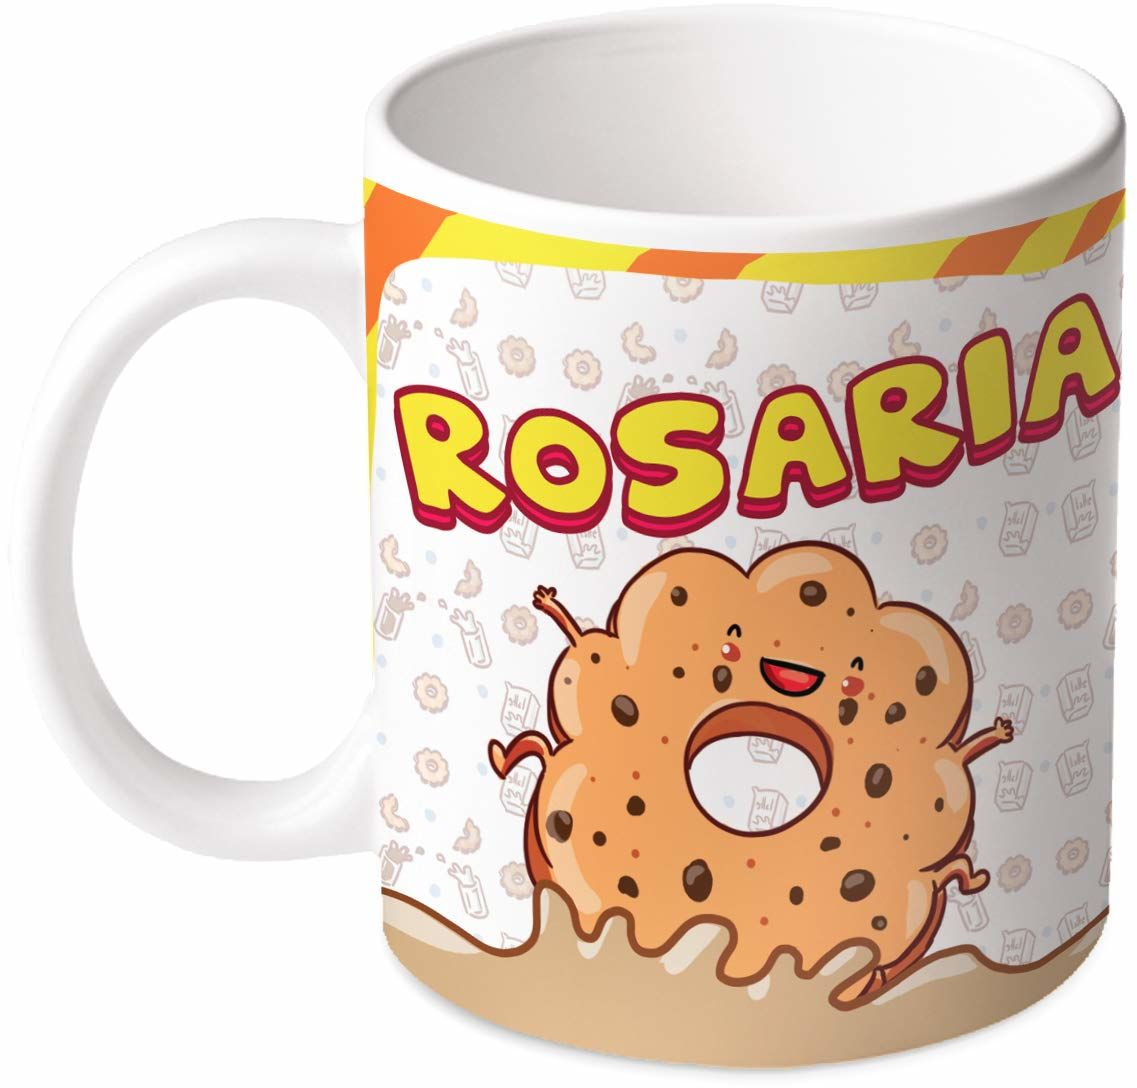 M.M. Group Filiżanka z imieniem i znaczeniem Rosaria, 30 ml, ceramika, wielokolorowa